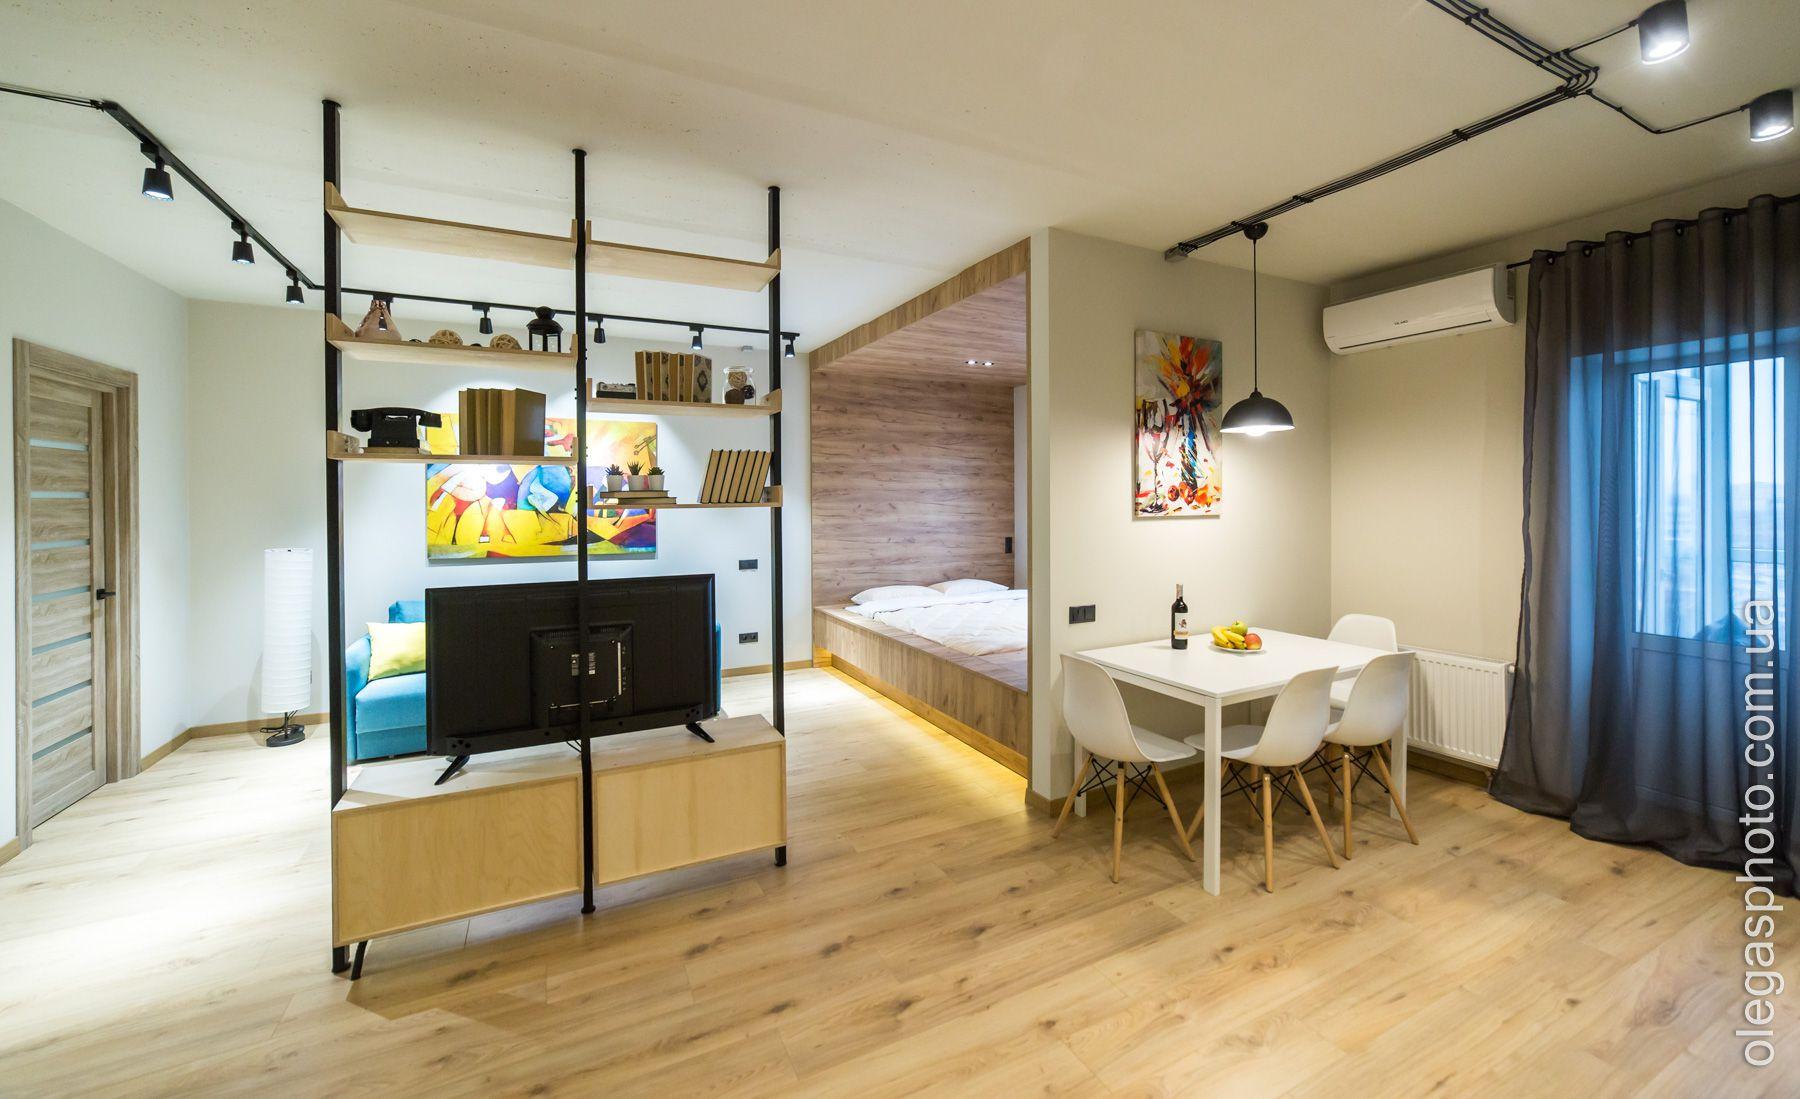 apartment studio photo interior